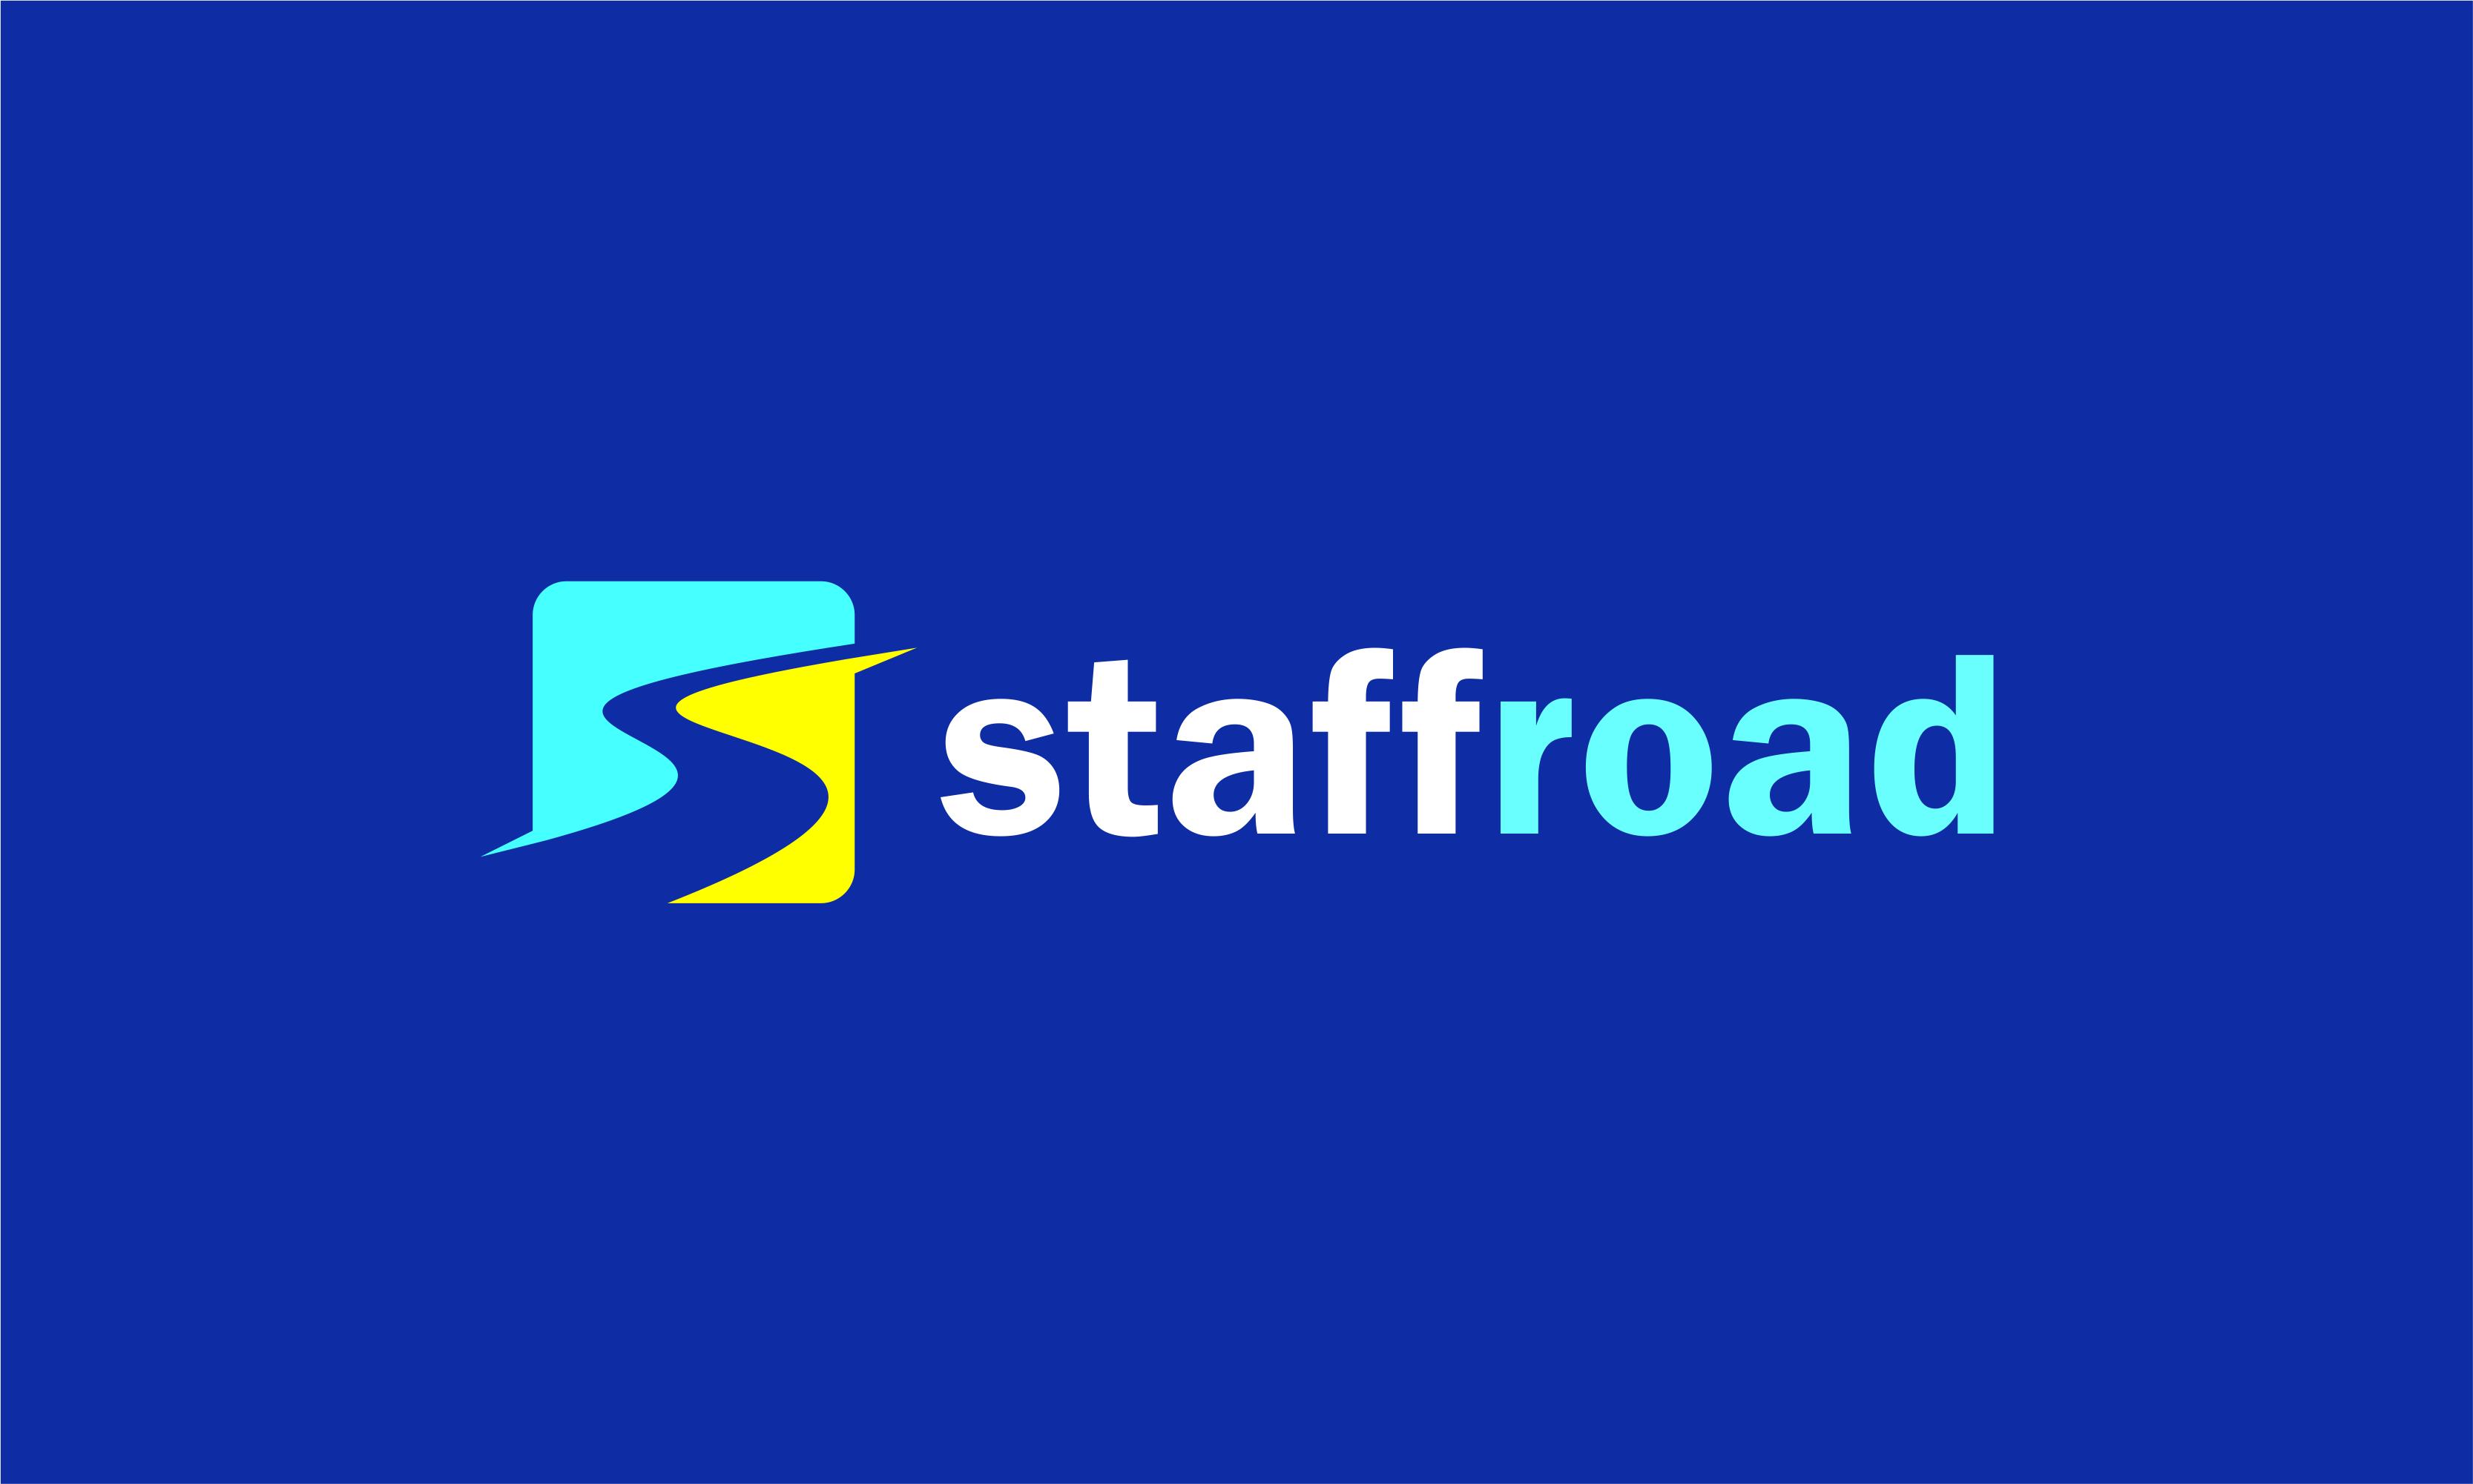 Staffroad